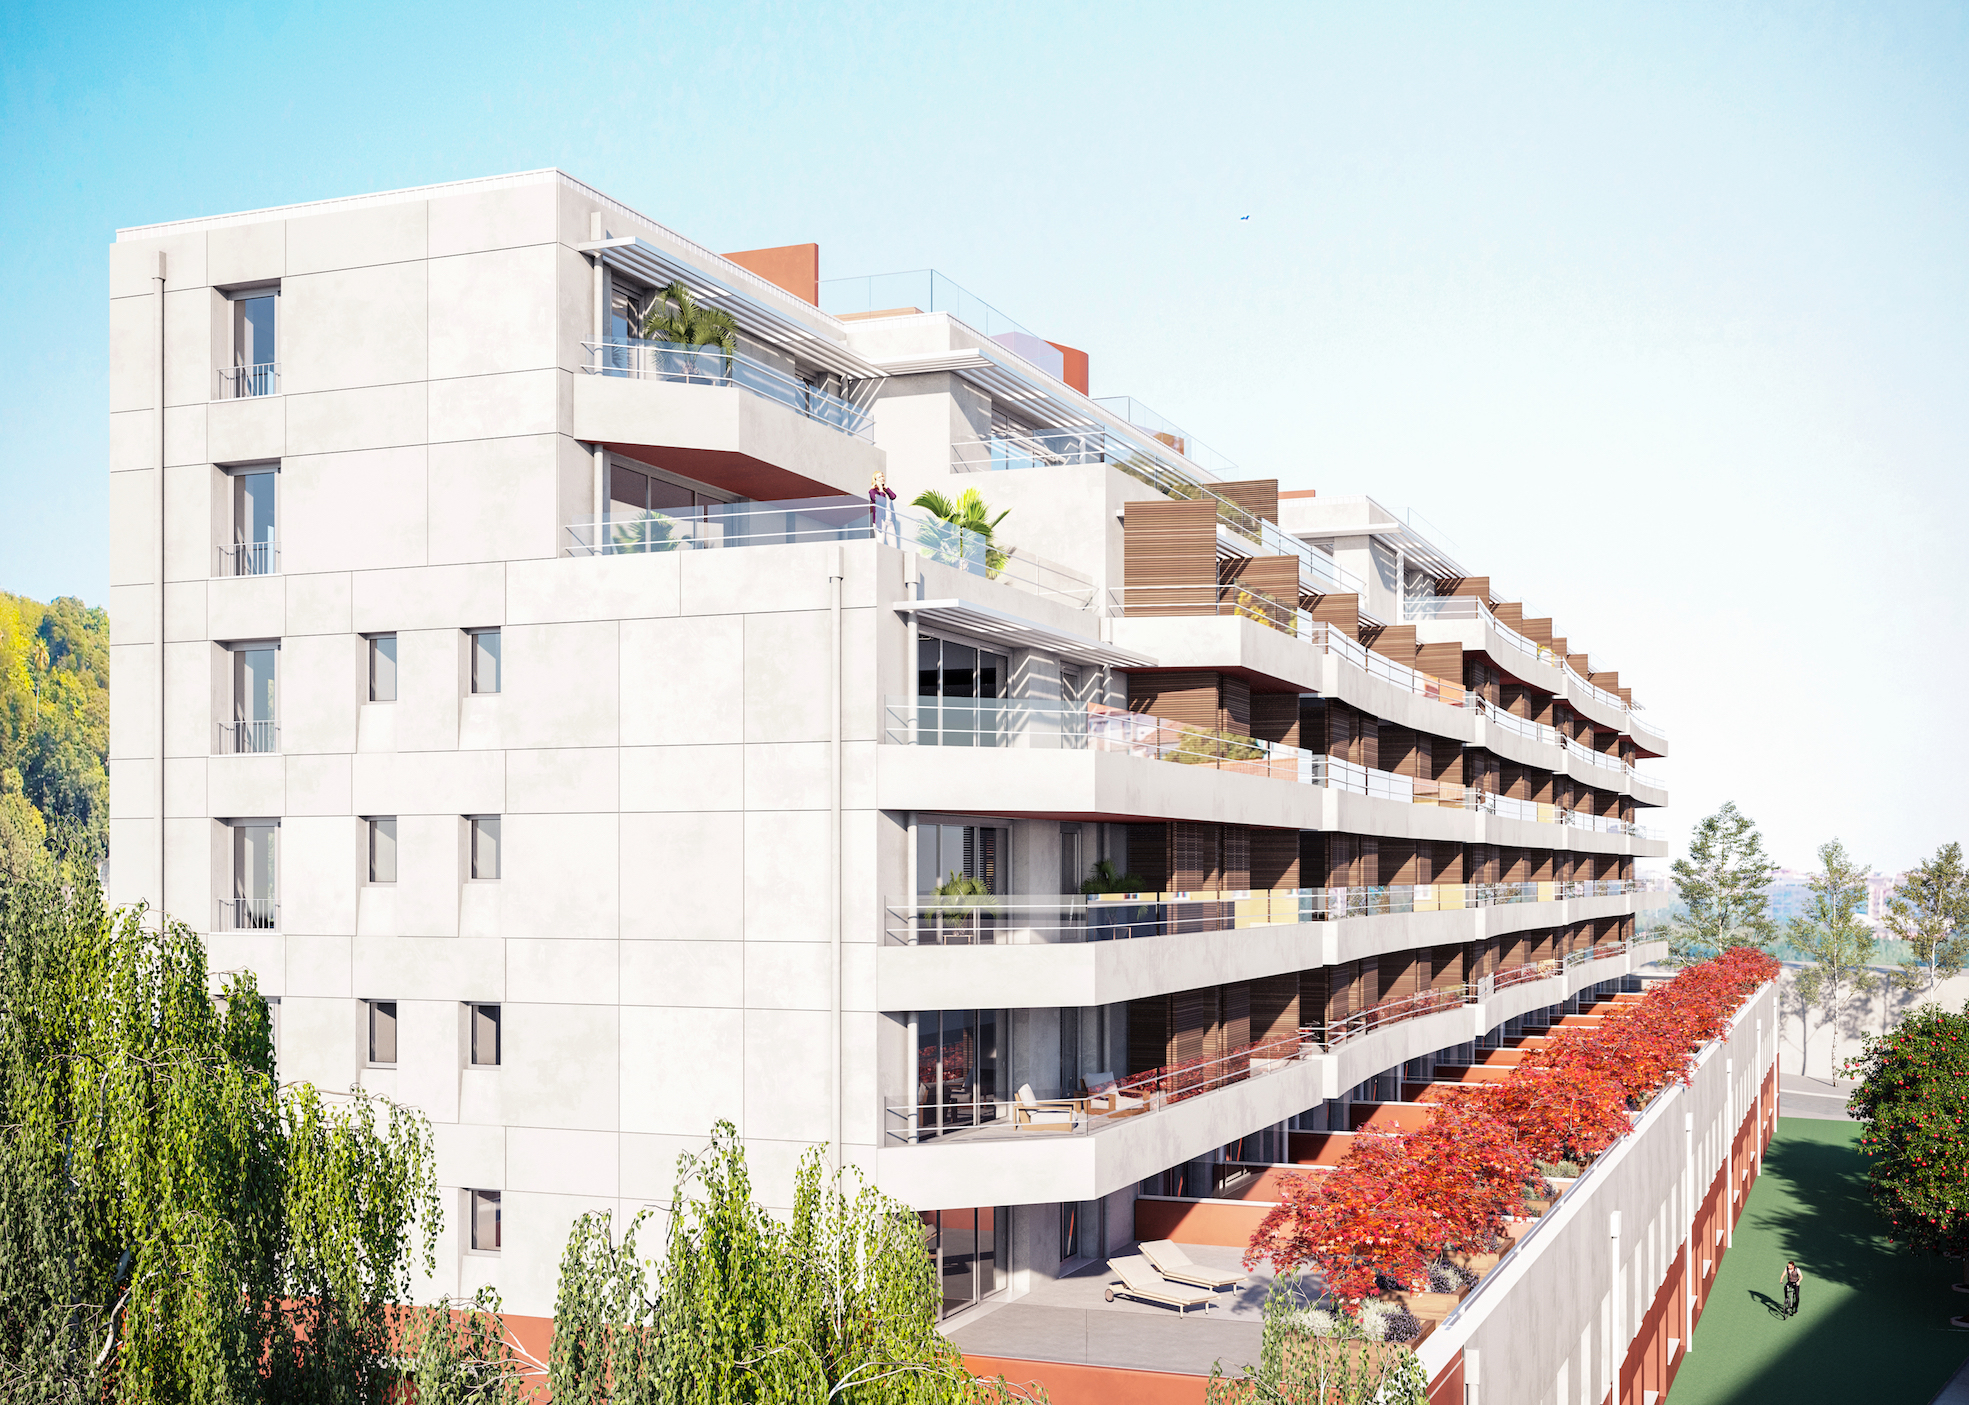 Condomínio fechado, com preços entre 195 mil euros e1,66milhões de euros. / Avenue